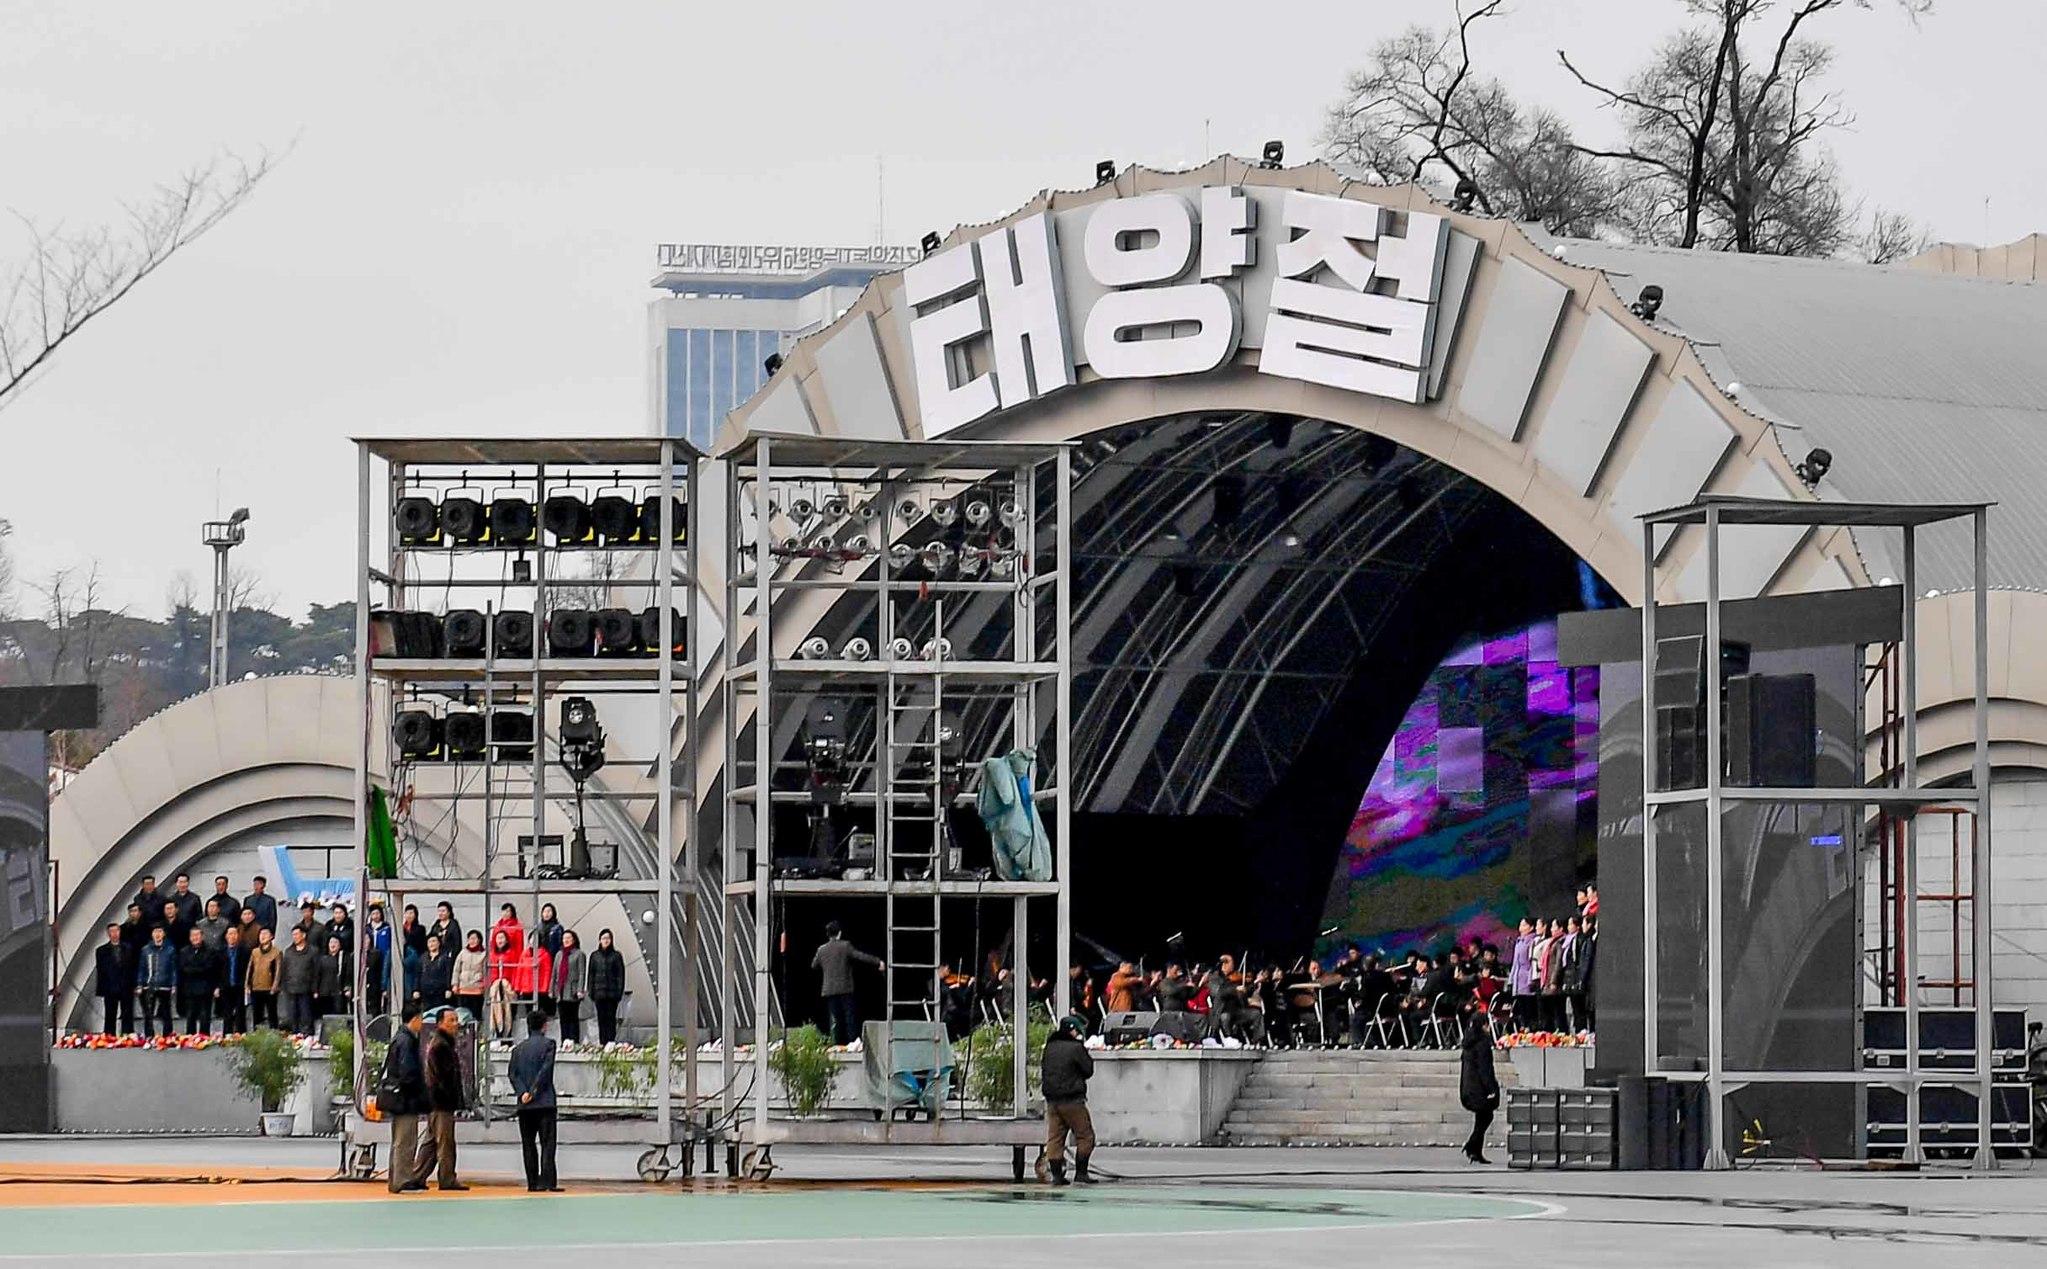 6일 태양절을 앞두고 5월1일(능라도)경기장 인근 광장에서 음악회 행사 녹화를 하고 있다. 사진공동취재단